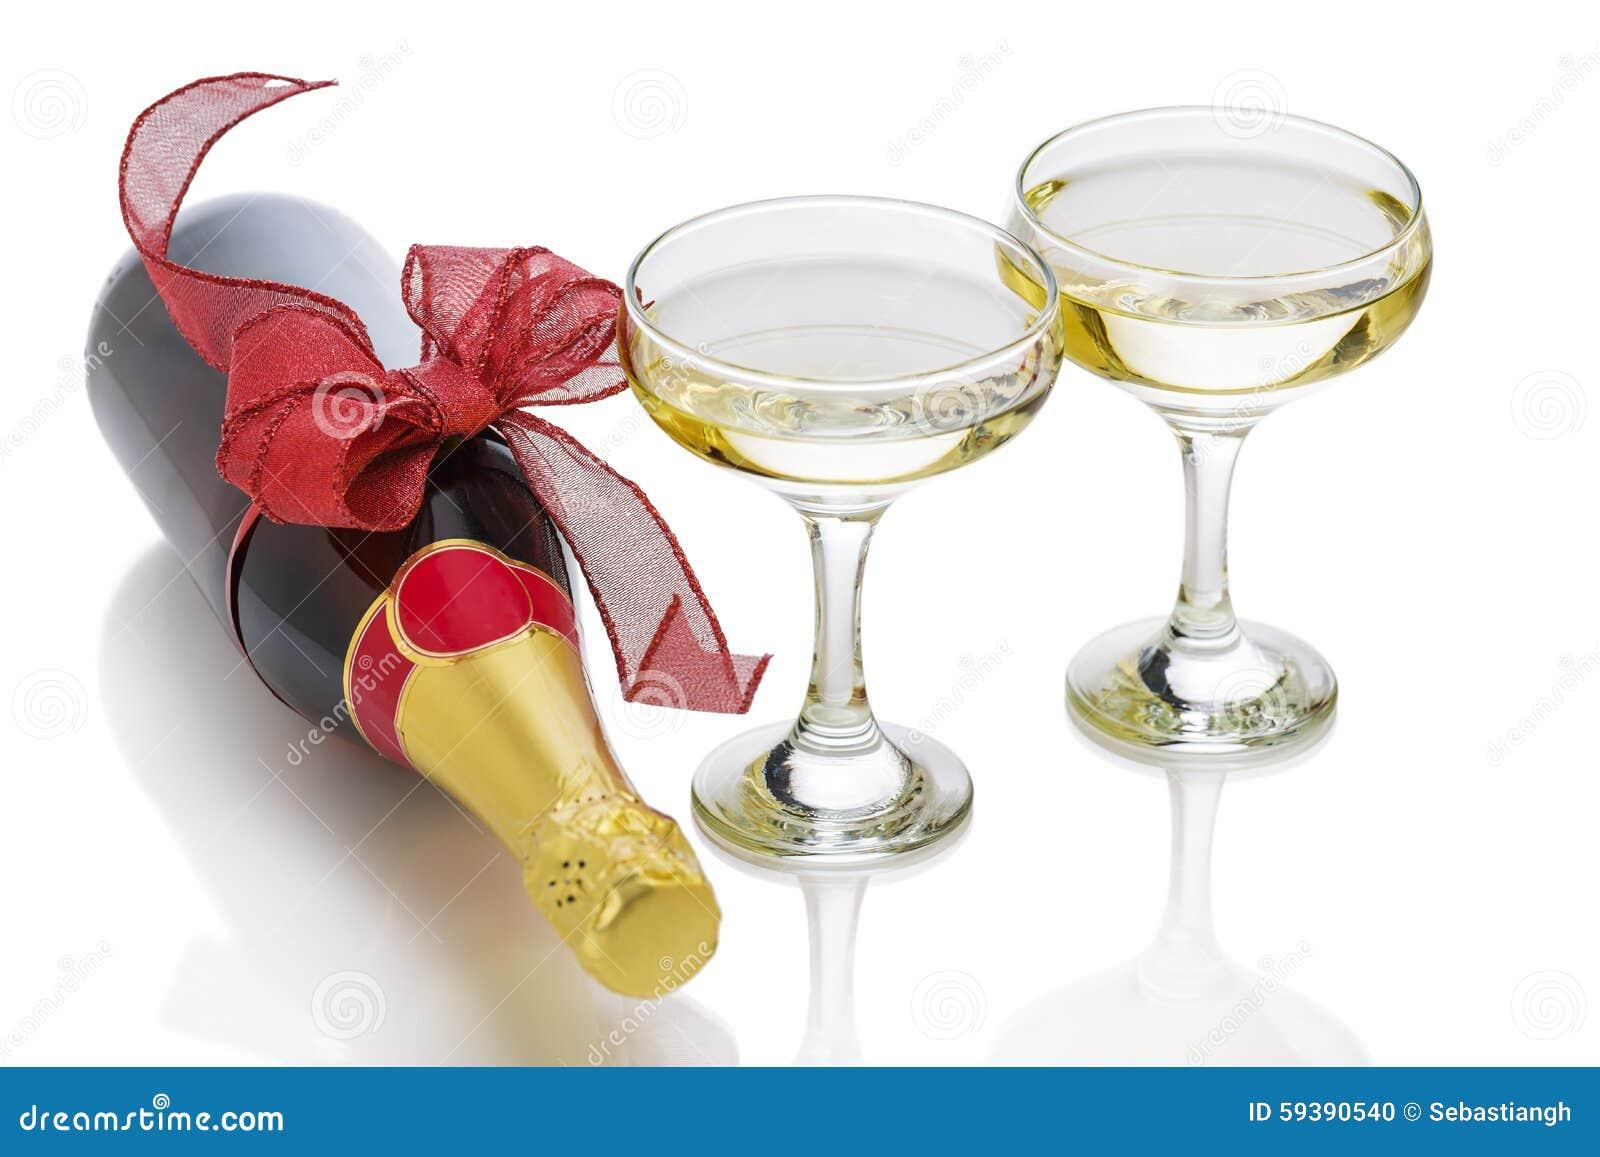 bouteille de f te de champagne photo stock image du c l bration boisson 59390540. Black Bedroom Furniture Sets. Home Design Ideas